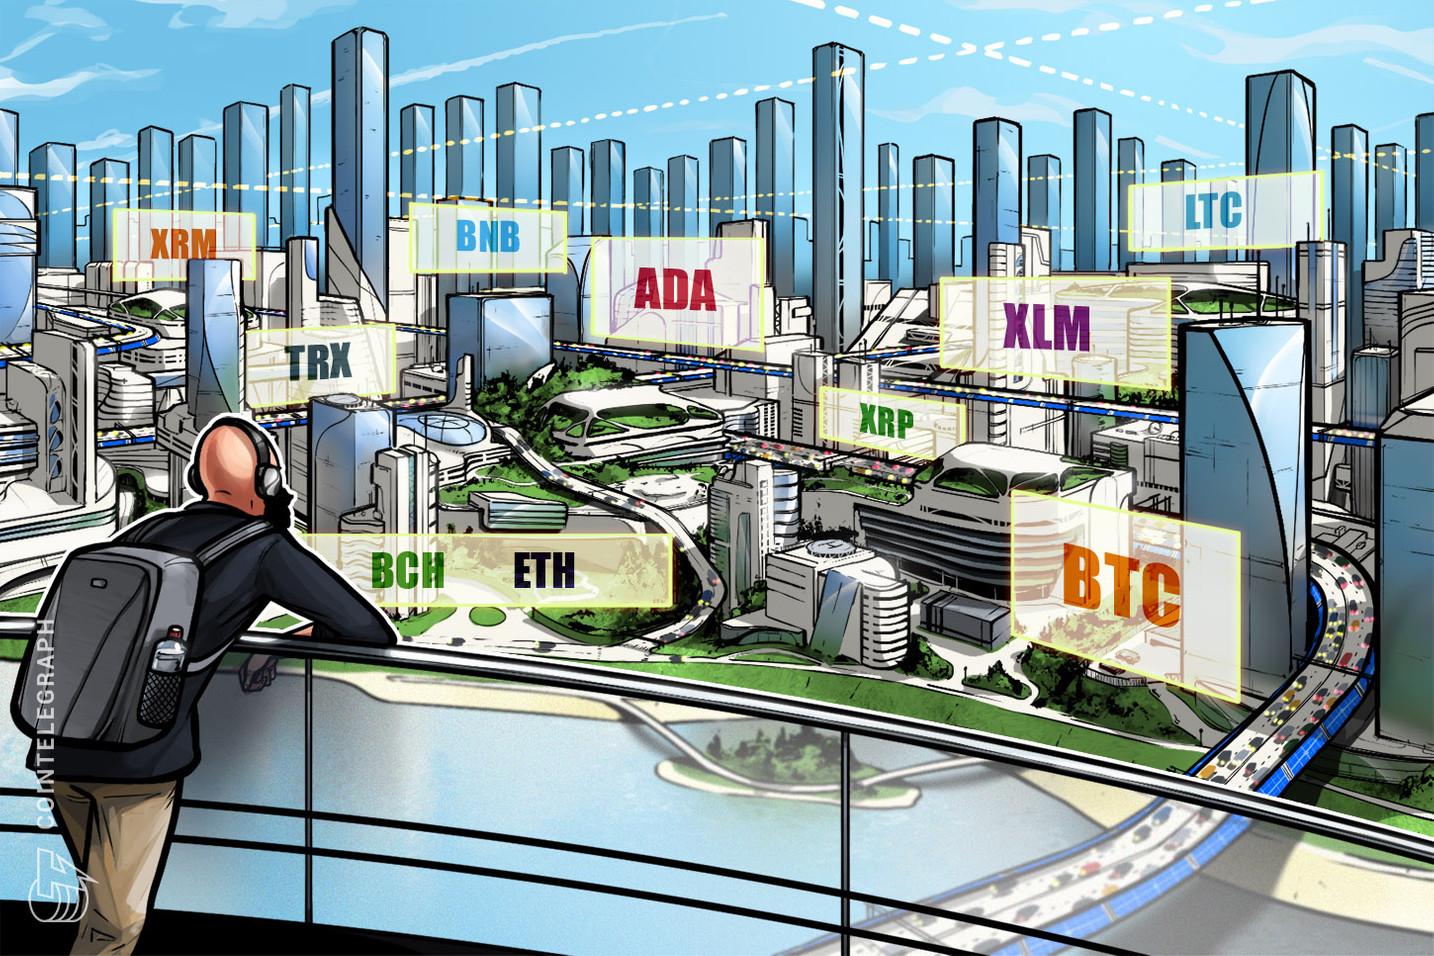 長い旅はどこまで続く?仮想通貨ビットコイン・イーサリアム・リップル(XRP)のテクニカル分析